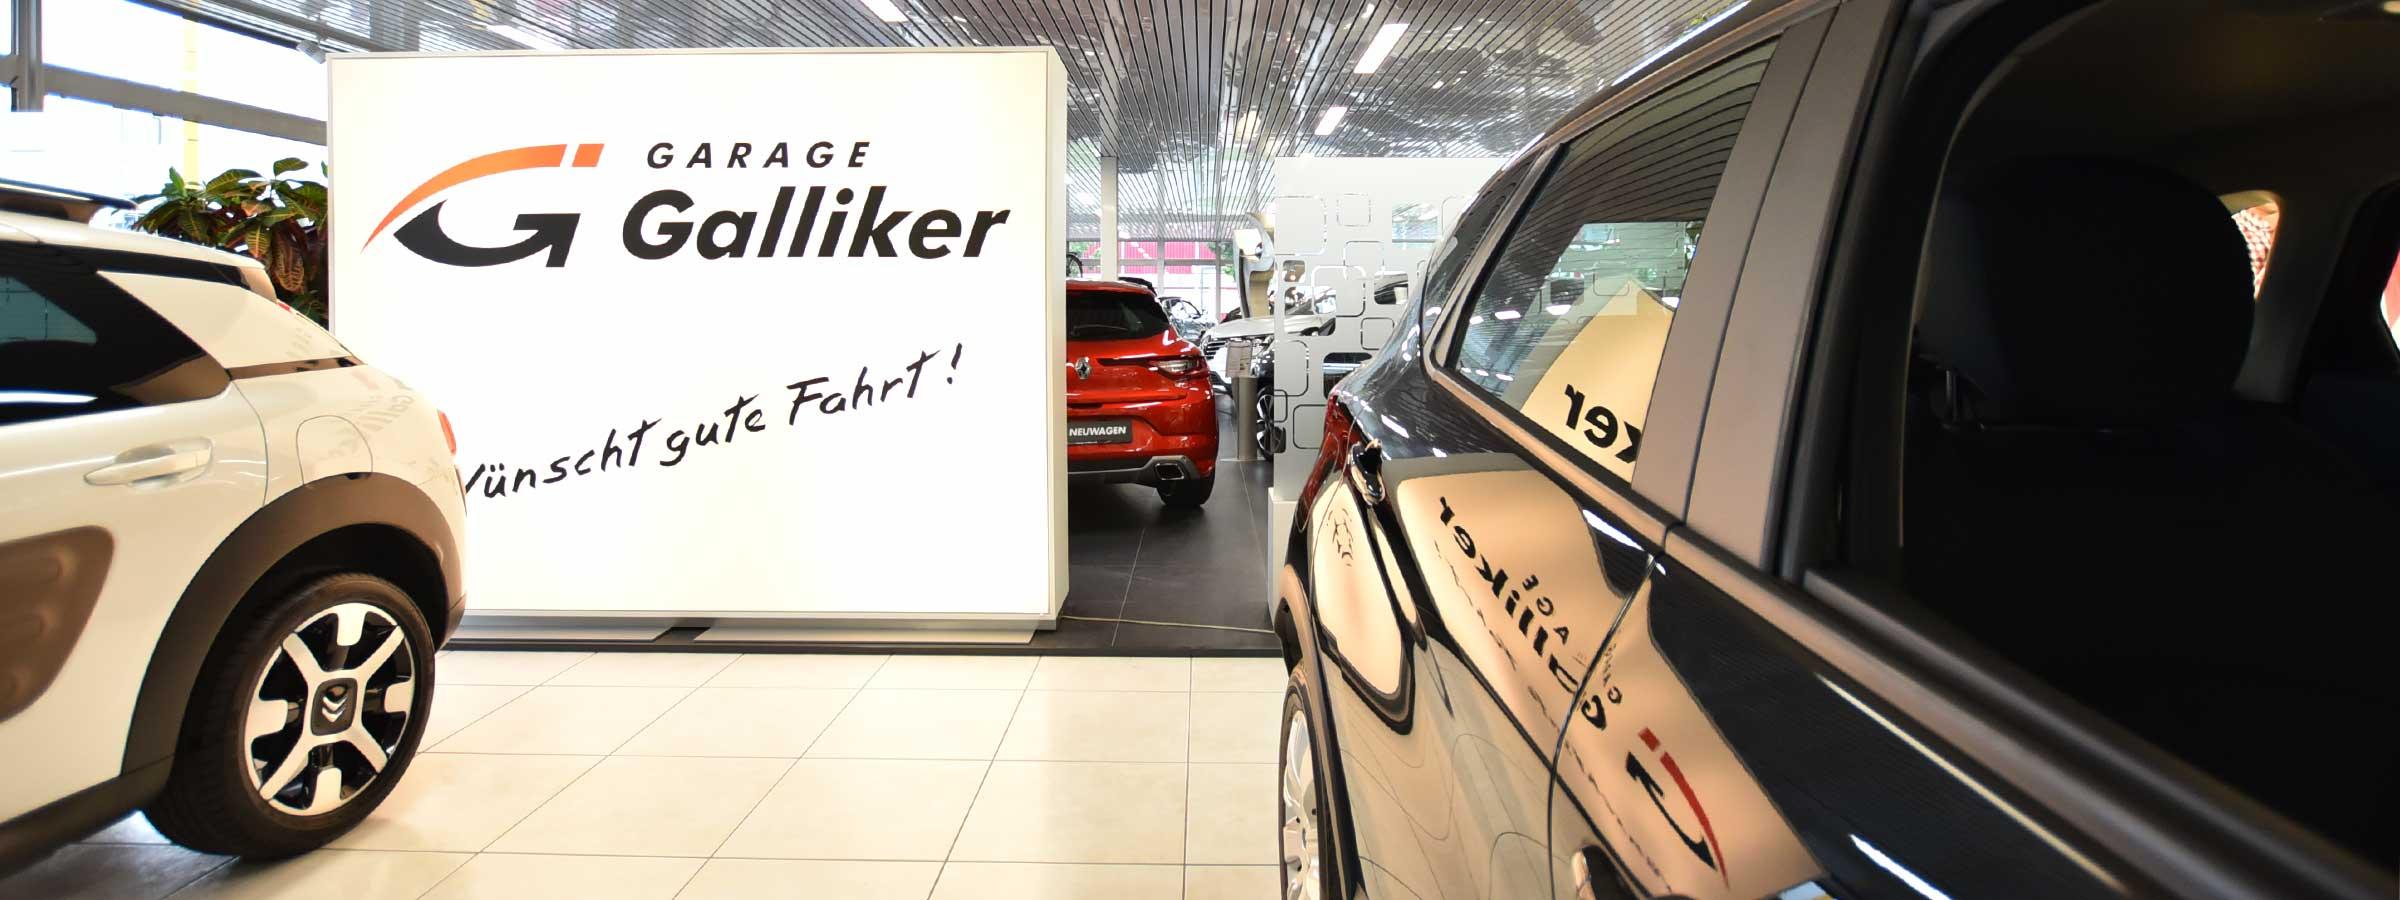 Garage Galliker AG Kriens Showroom - Garage Galliker wünscht Gute Fahrt!